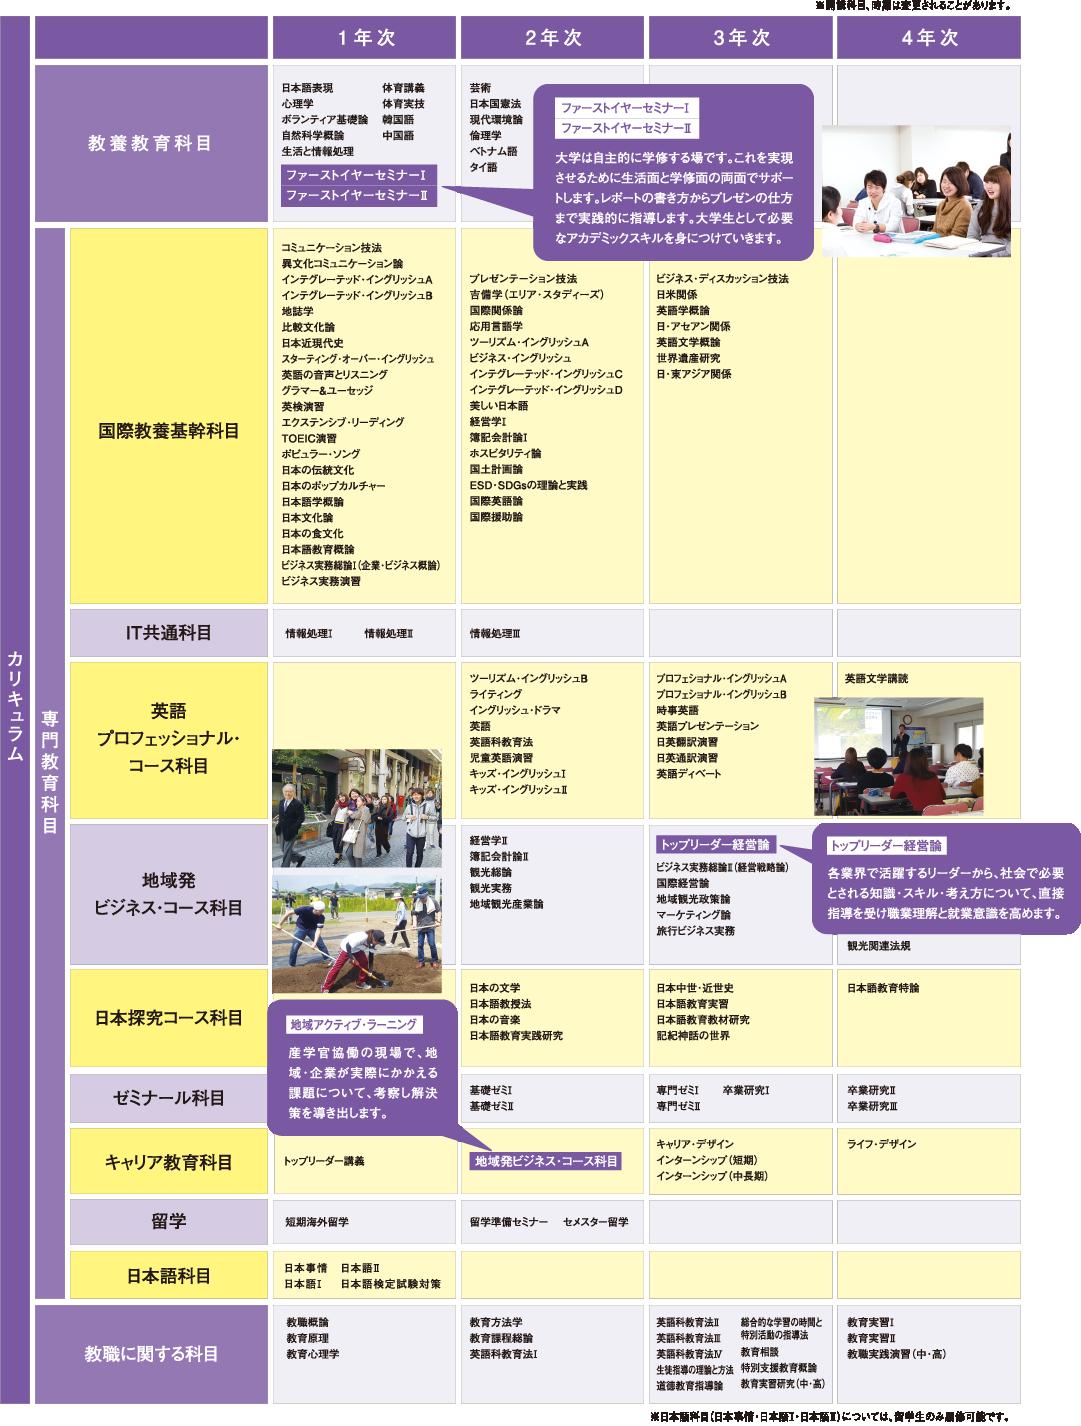 国際教養学部国際教養学科のカリキュラム